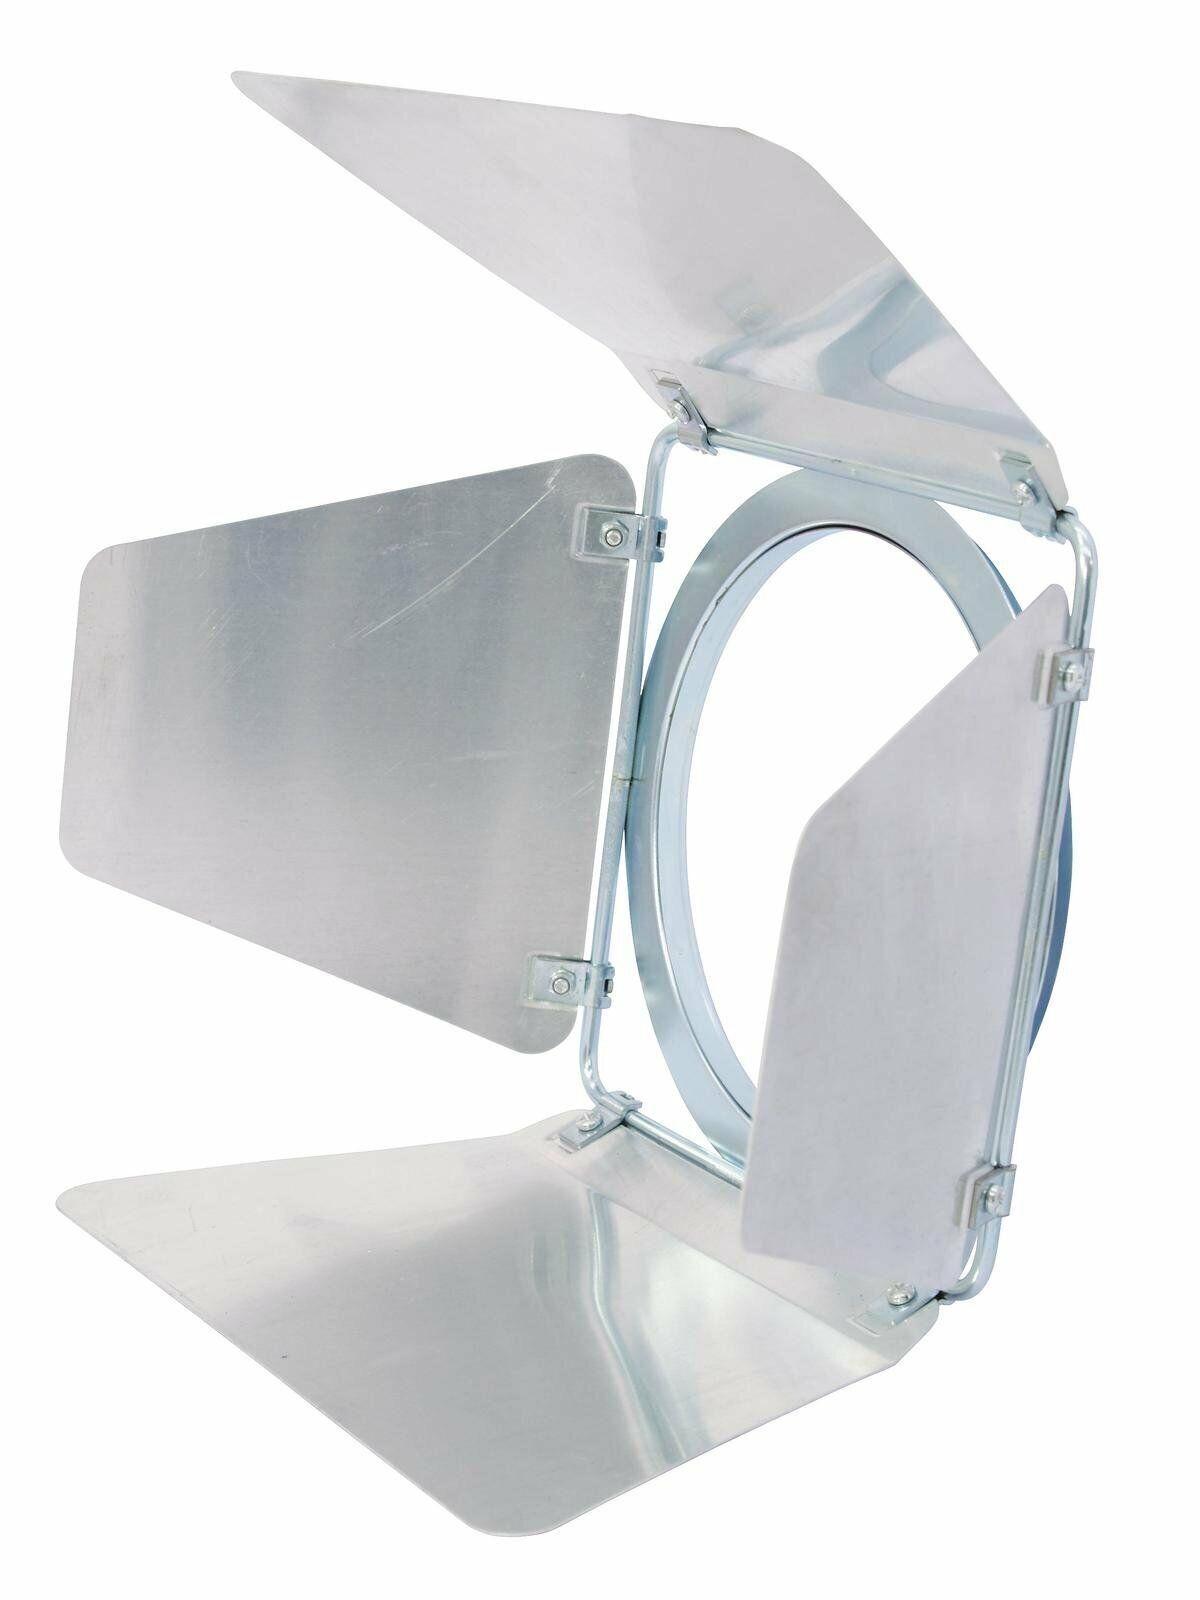 Eurolite PAR 56 Silver Barndoor for Par Can Lighting Fixture Barn Door Flaps